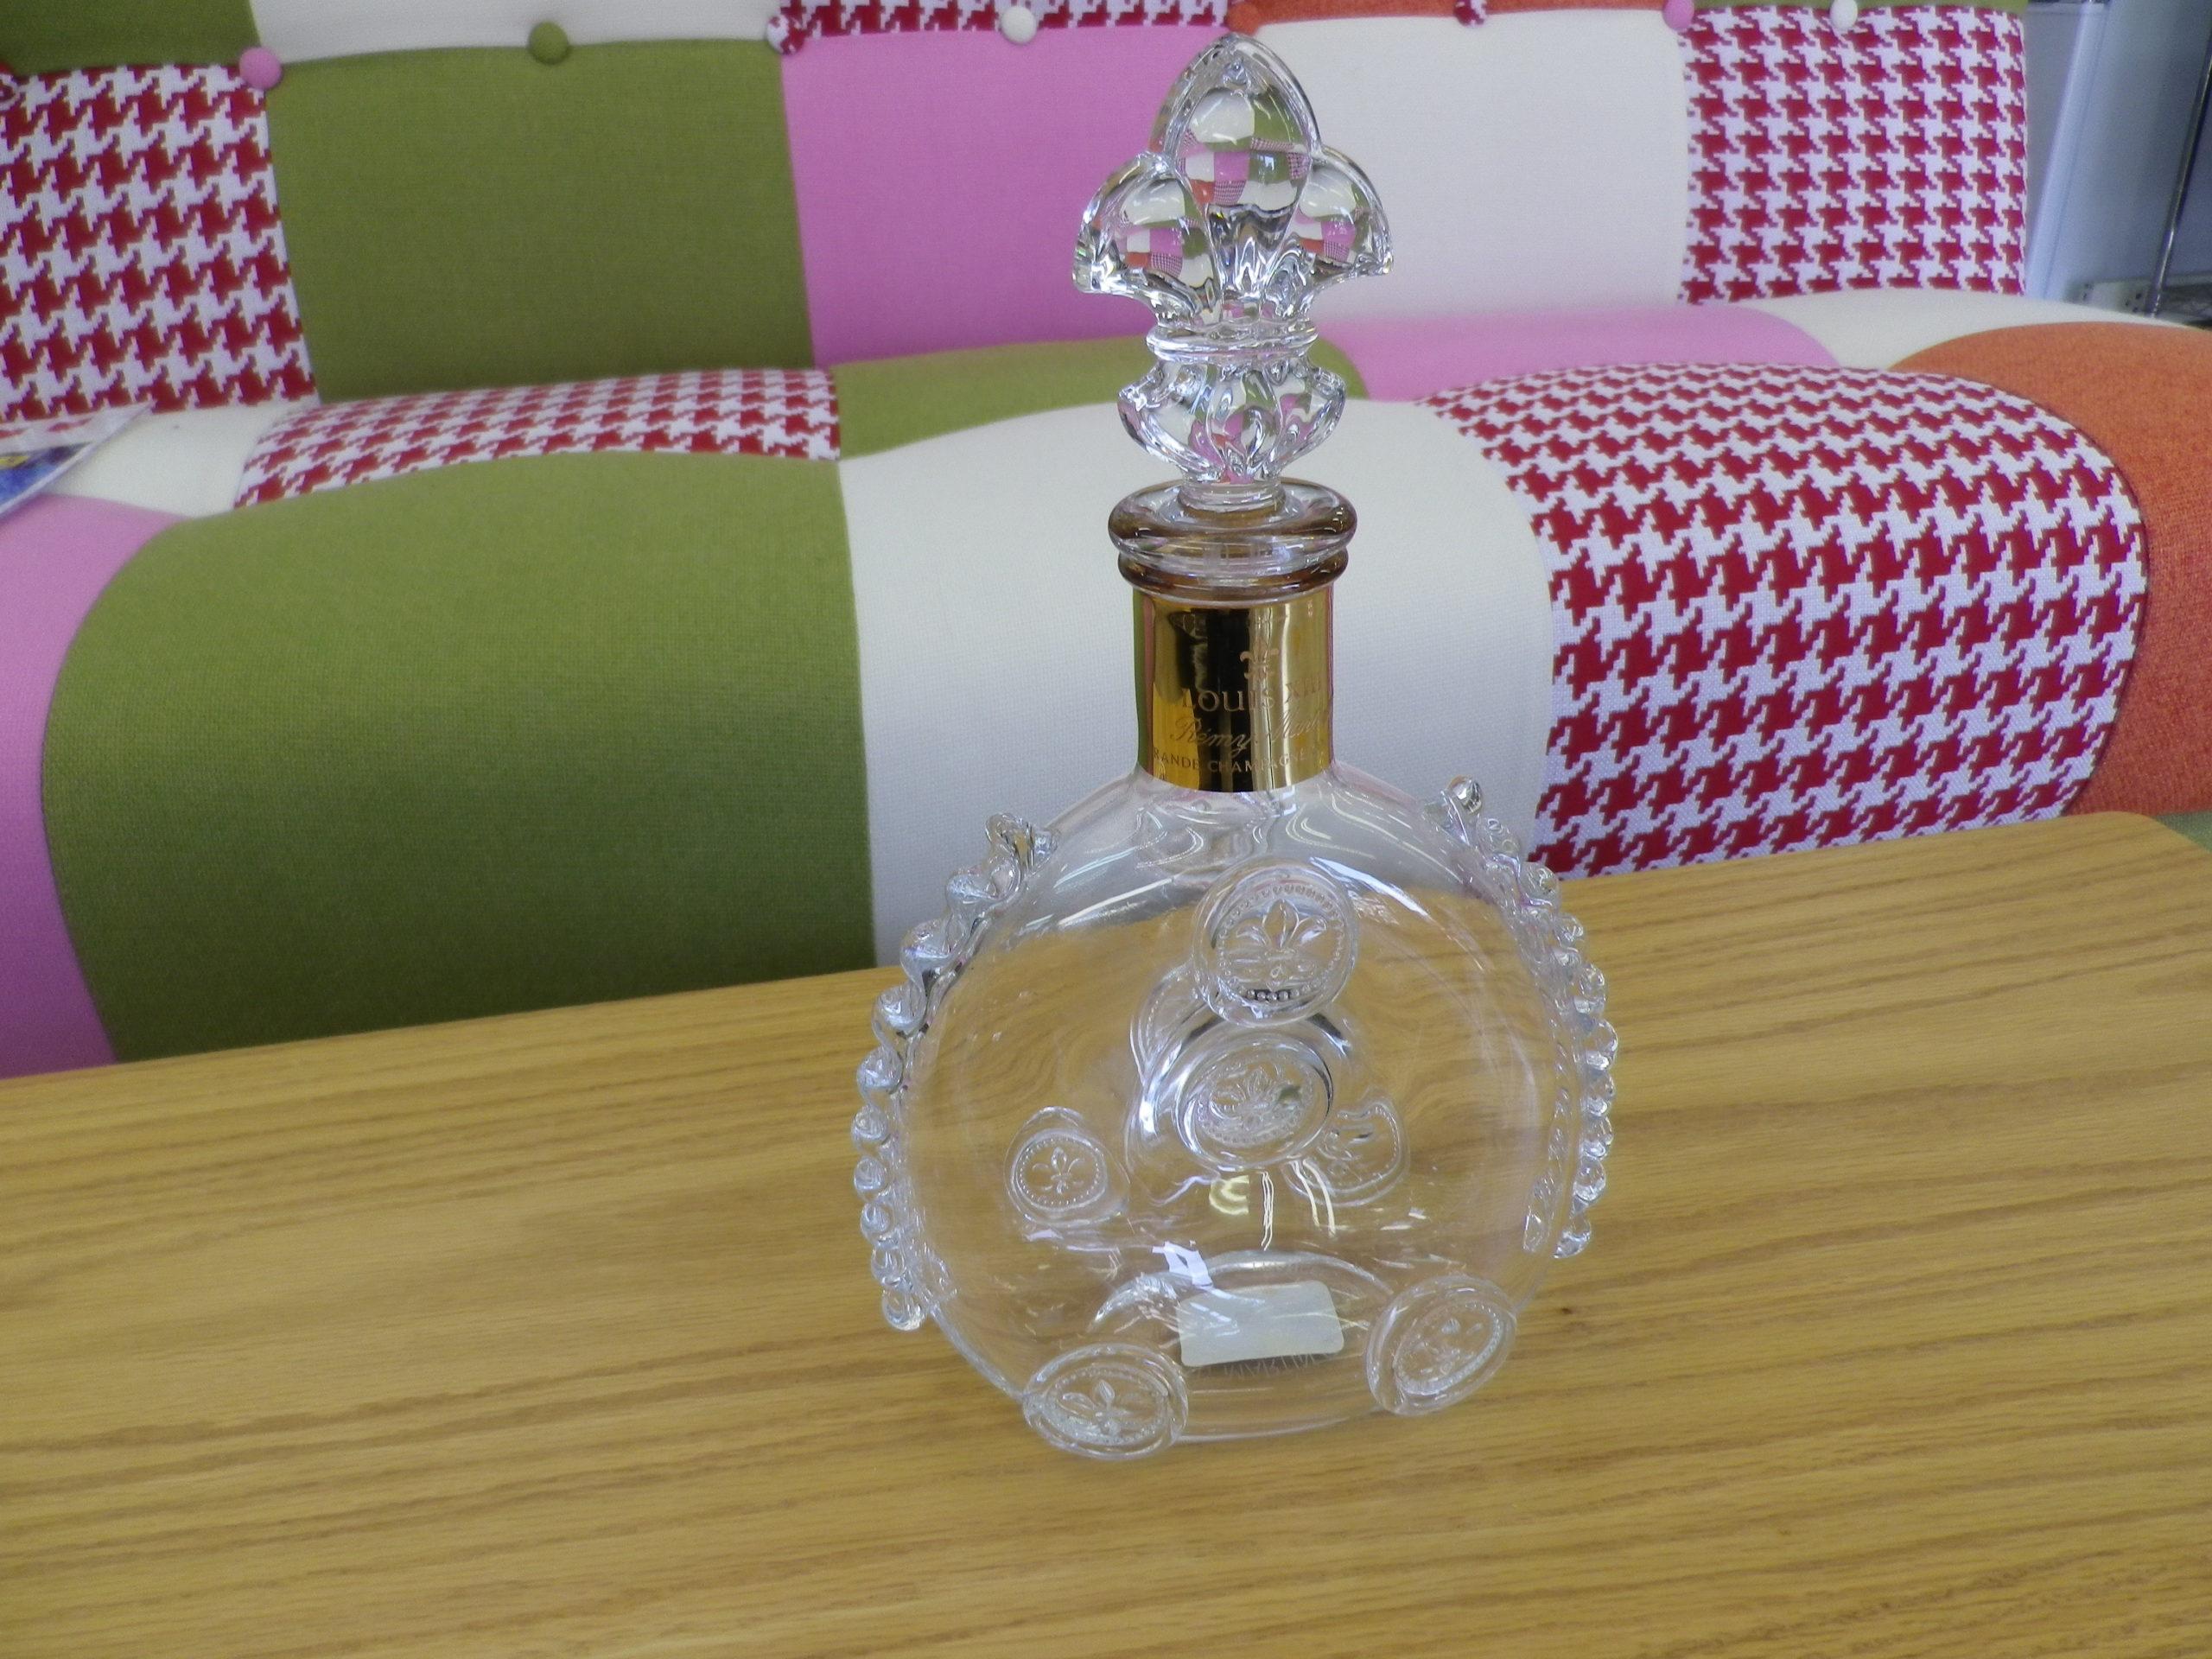 【REMY MARTIN レミーマルタン ルイ13世 Baccarat バカラ クリスタル 700ml ブランデー 空瓶 お酒】を買取させて頂きました!の買取-